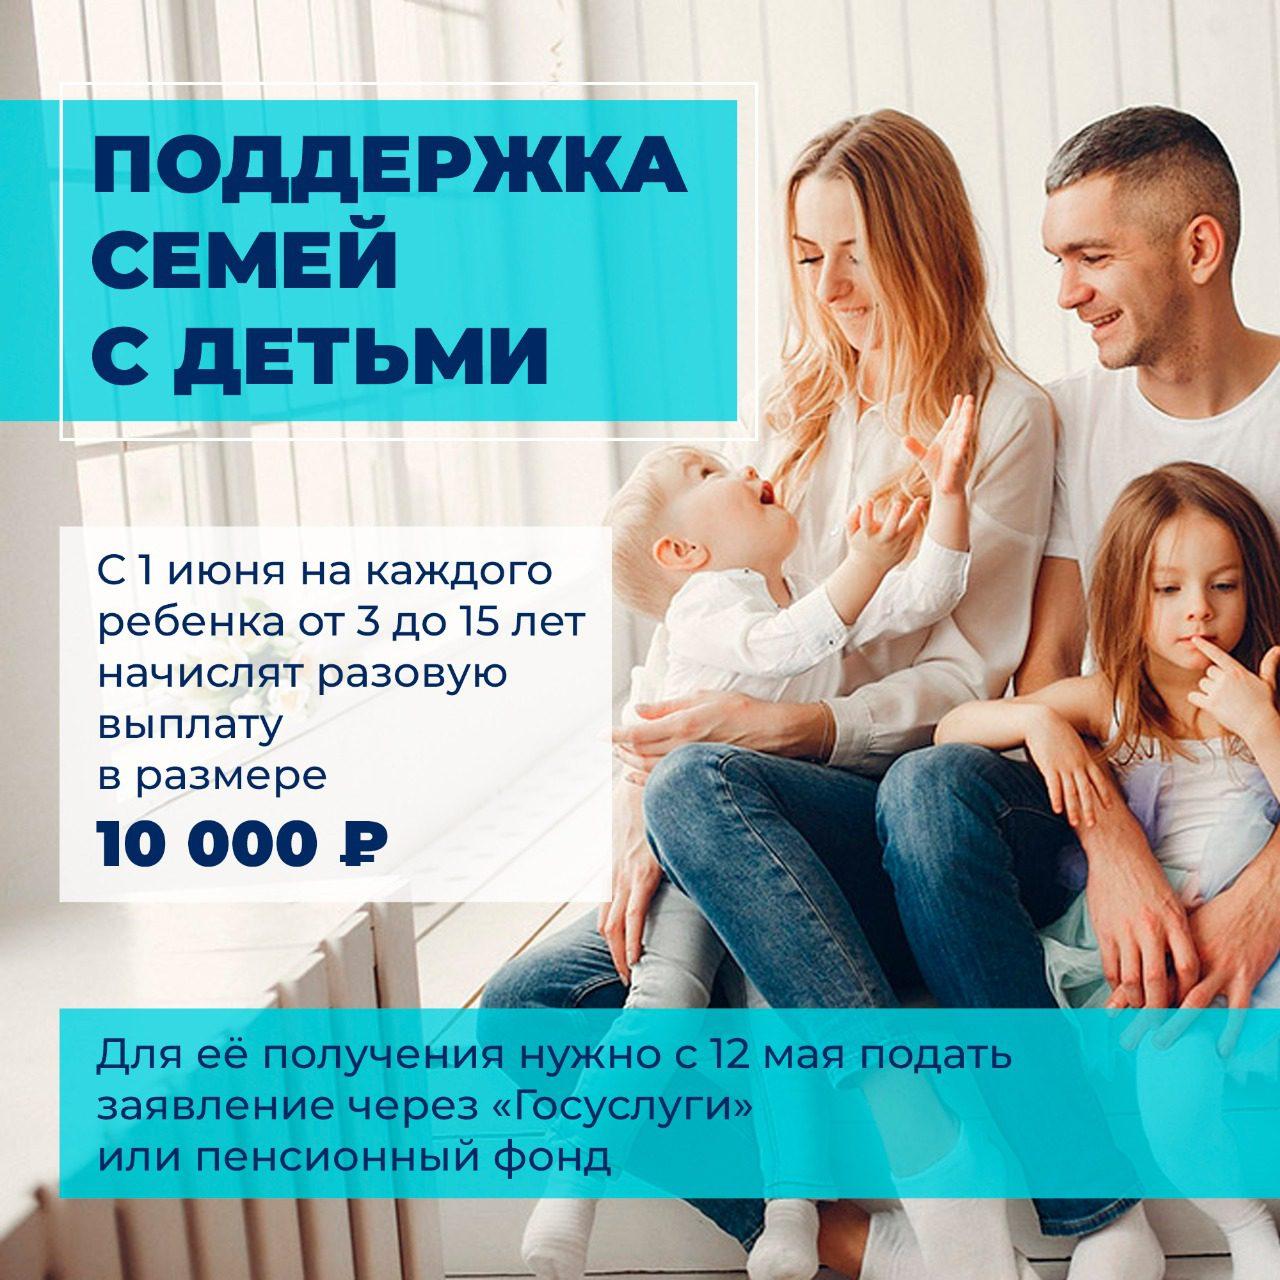 Разовая выплата на каждого ребенка от трех до 16 лет